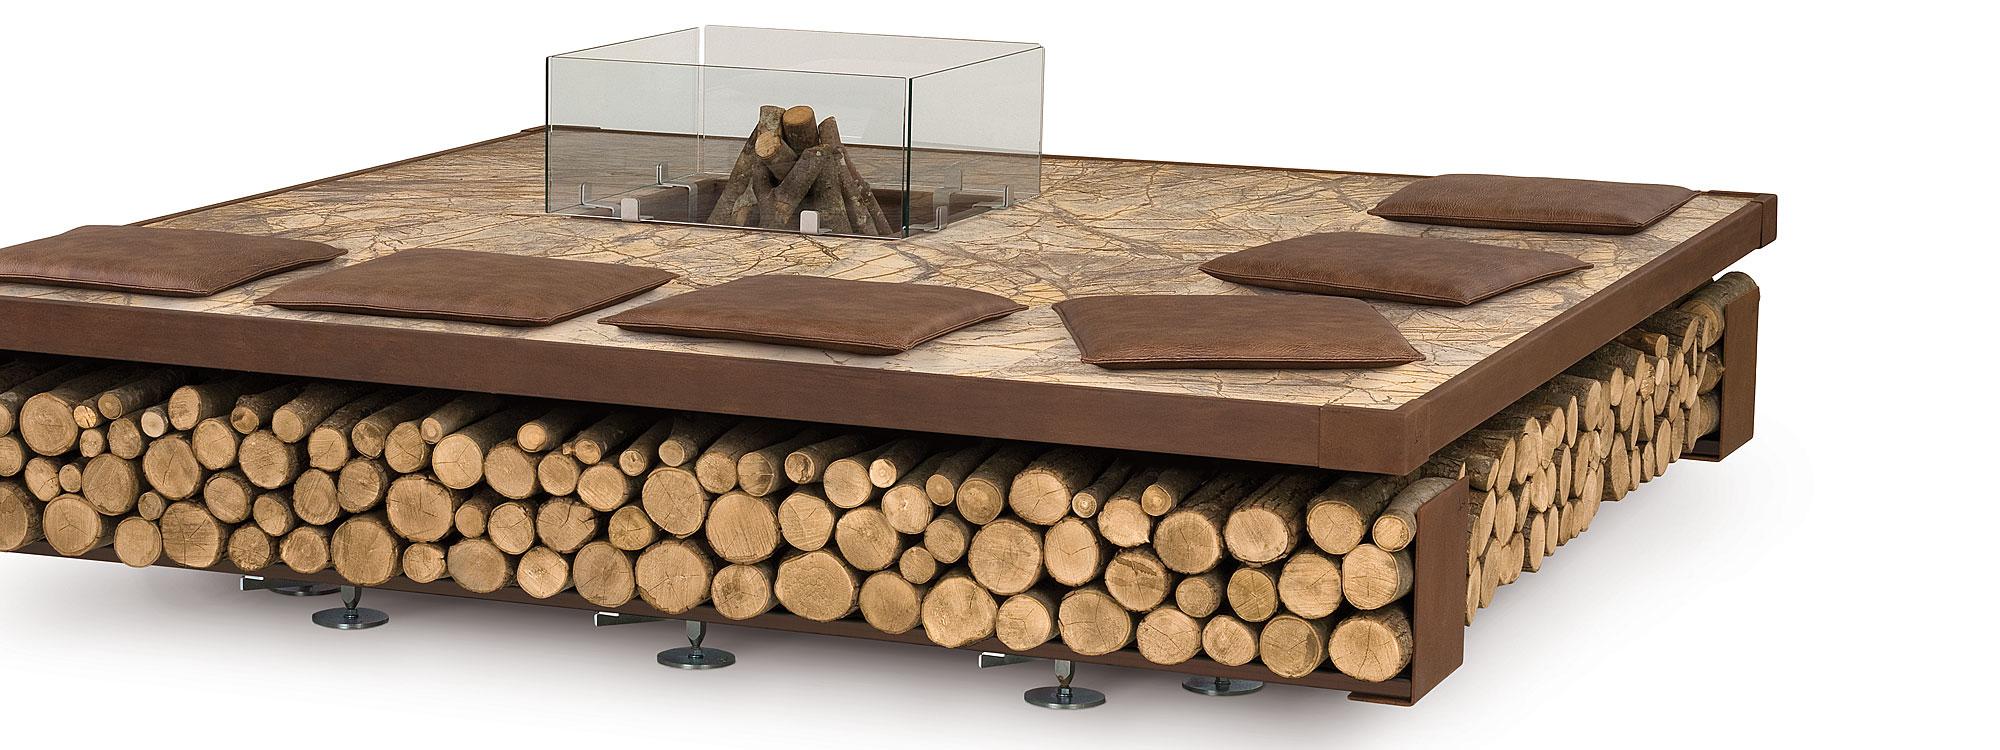 AK47 Opera fire pit - modern architectural fire pit